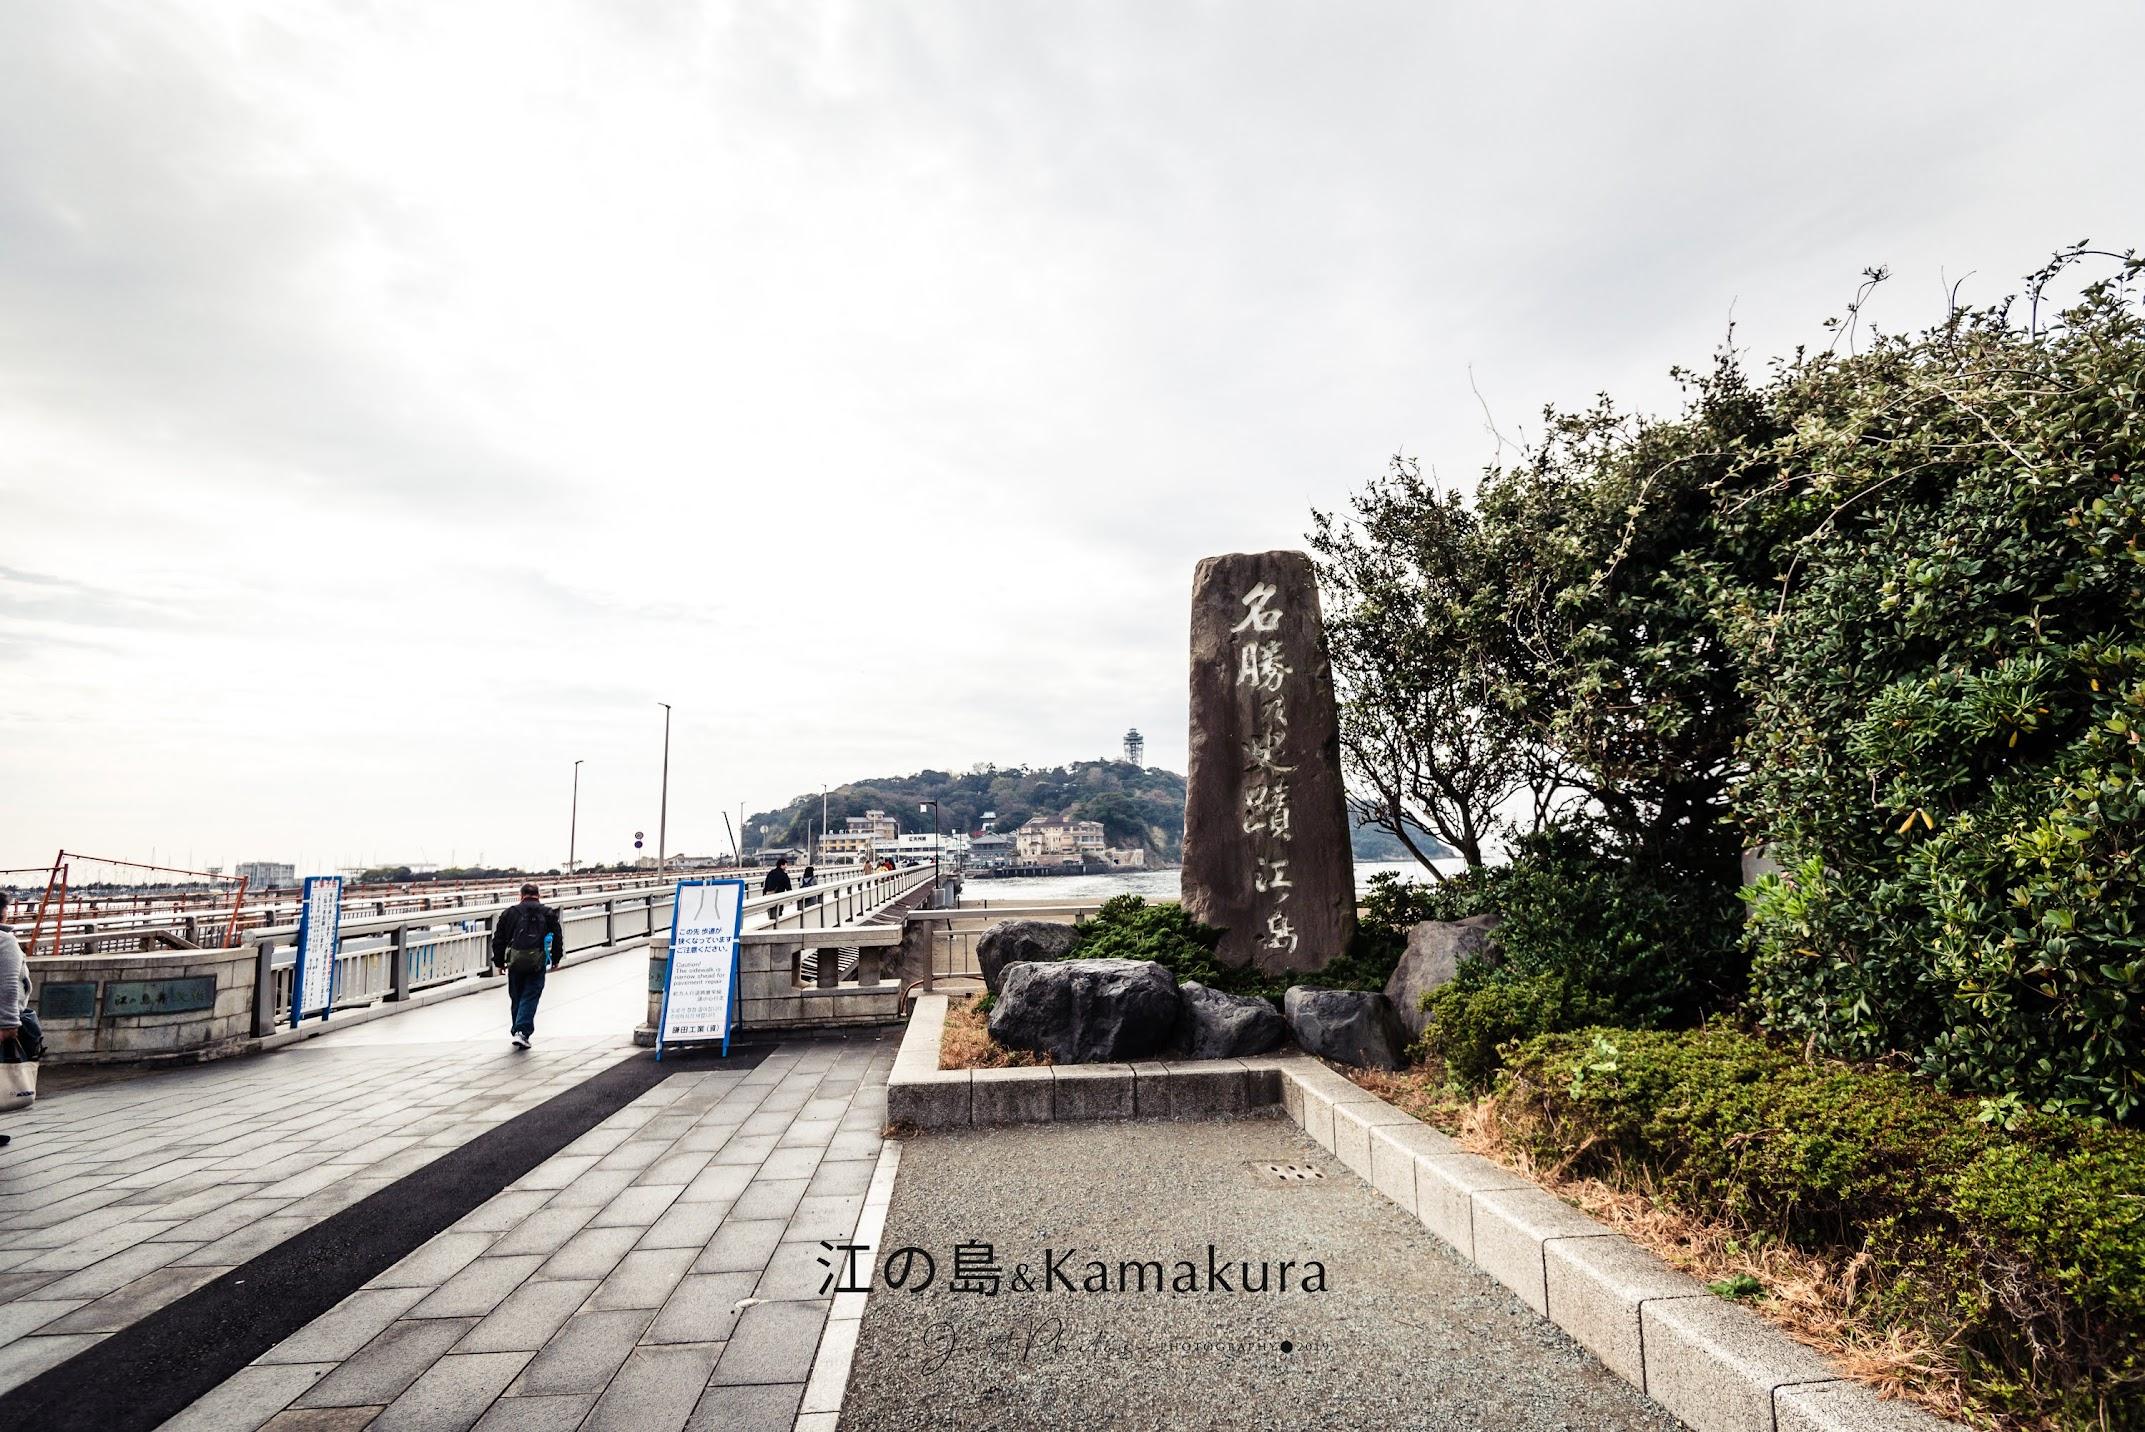 前往至江之島的江之島大橋。